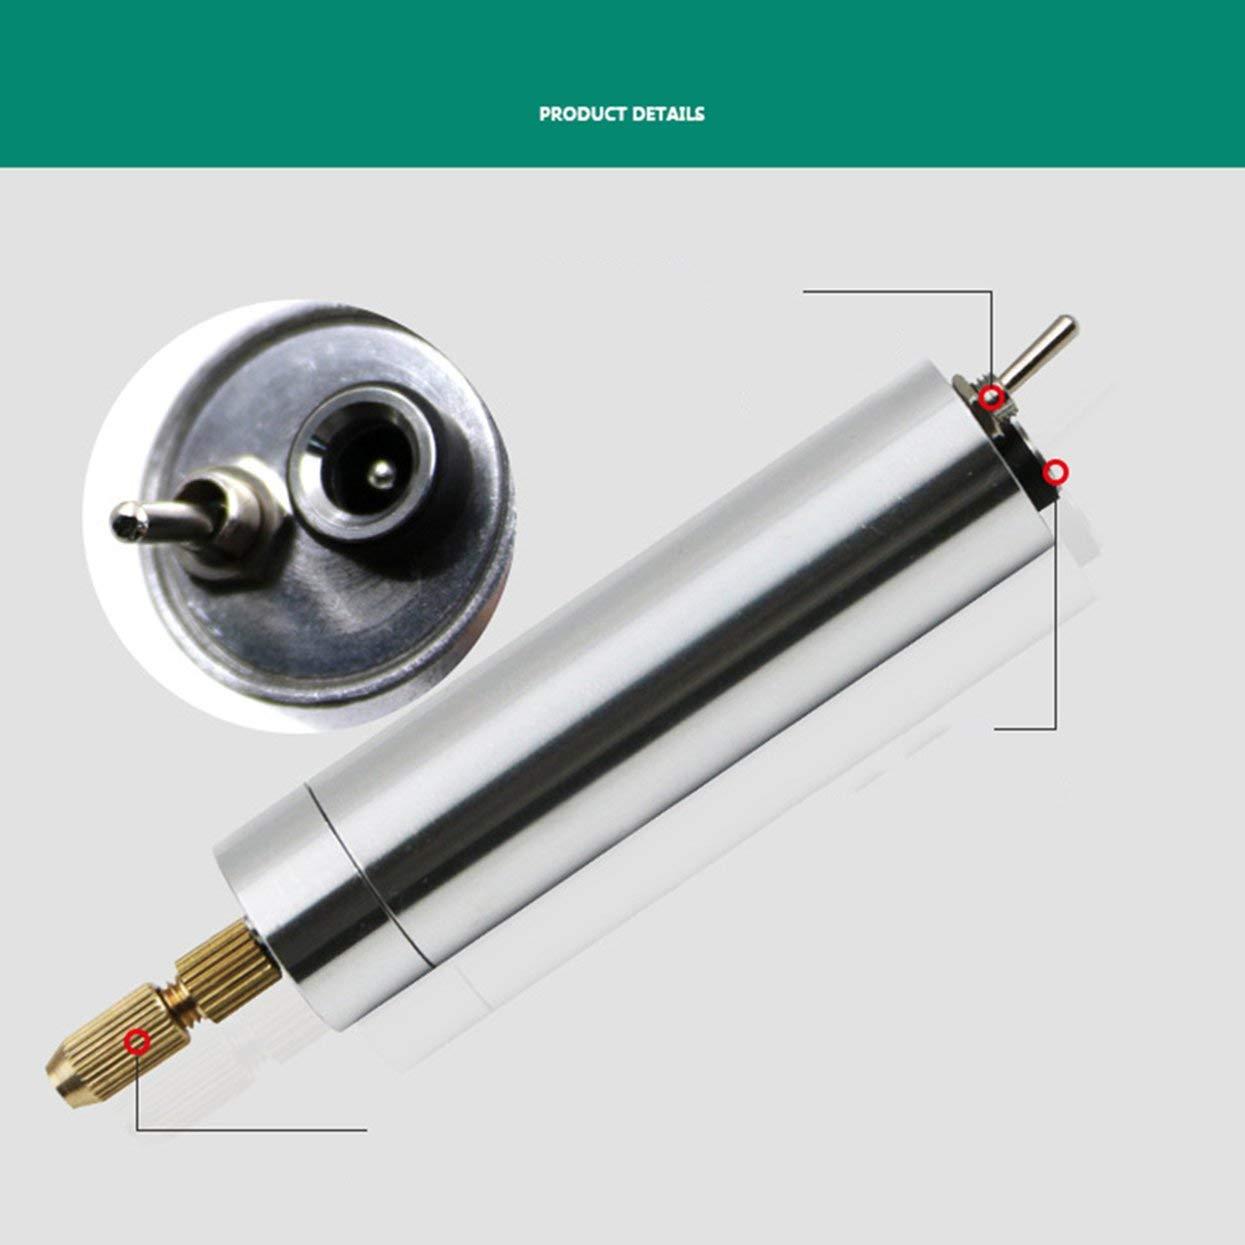 Silber 19 teile//satz Mini Elektrische Gravur Carving Mei/ßel Stift Set Elektrowerkzeug Zubeh/ör